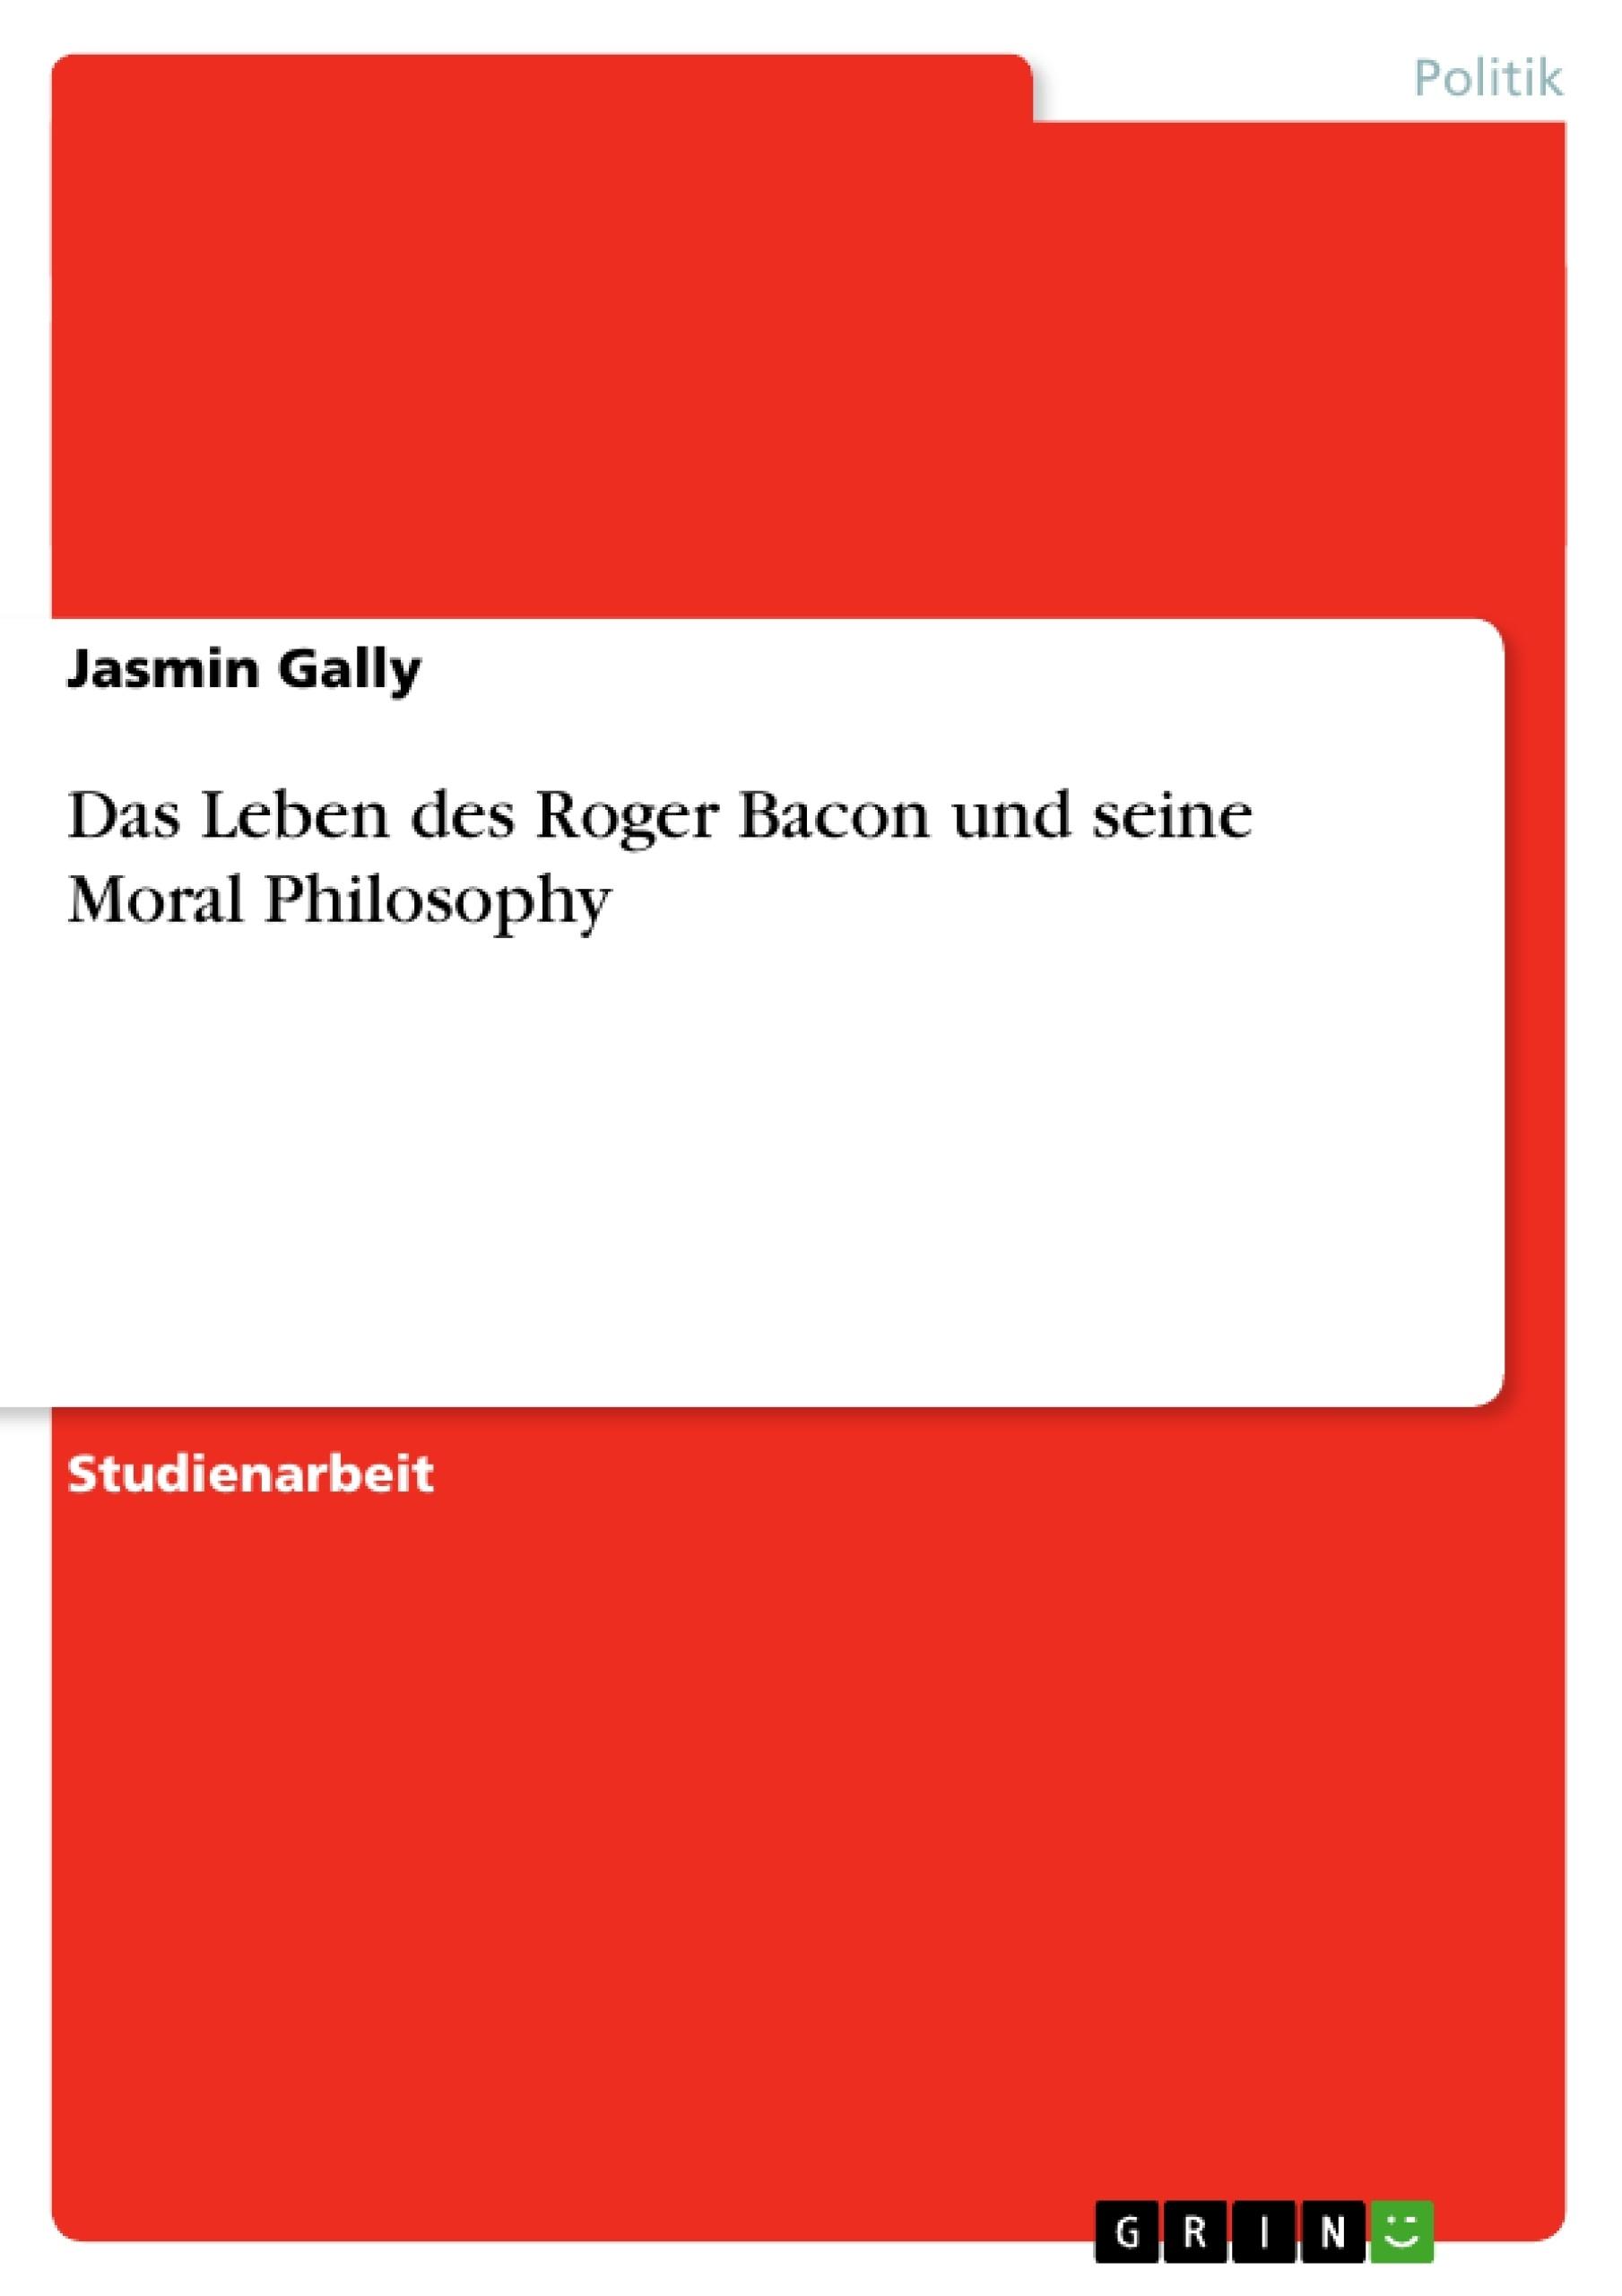 Titel: Das Leben des Roger Bacon und seine Moral Philosophy